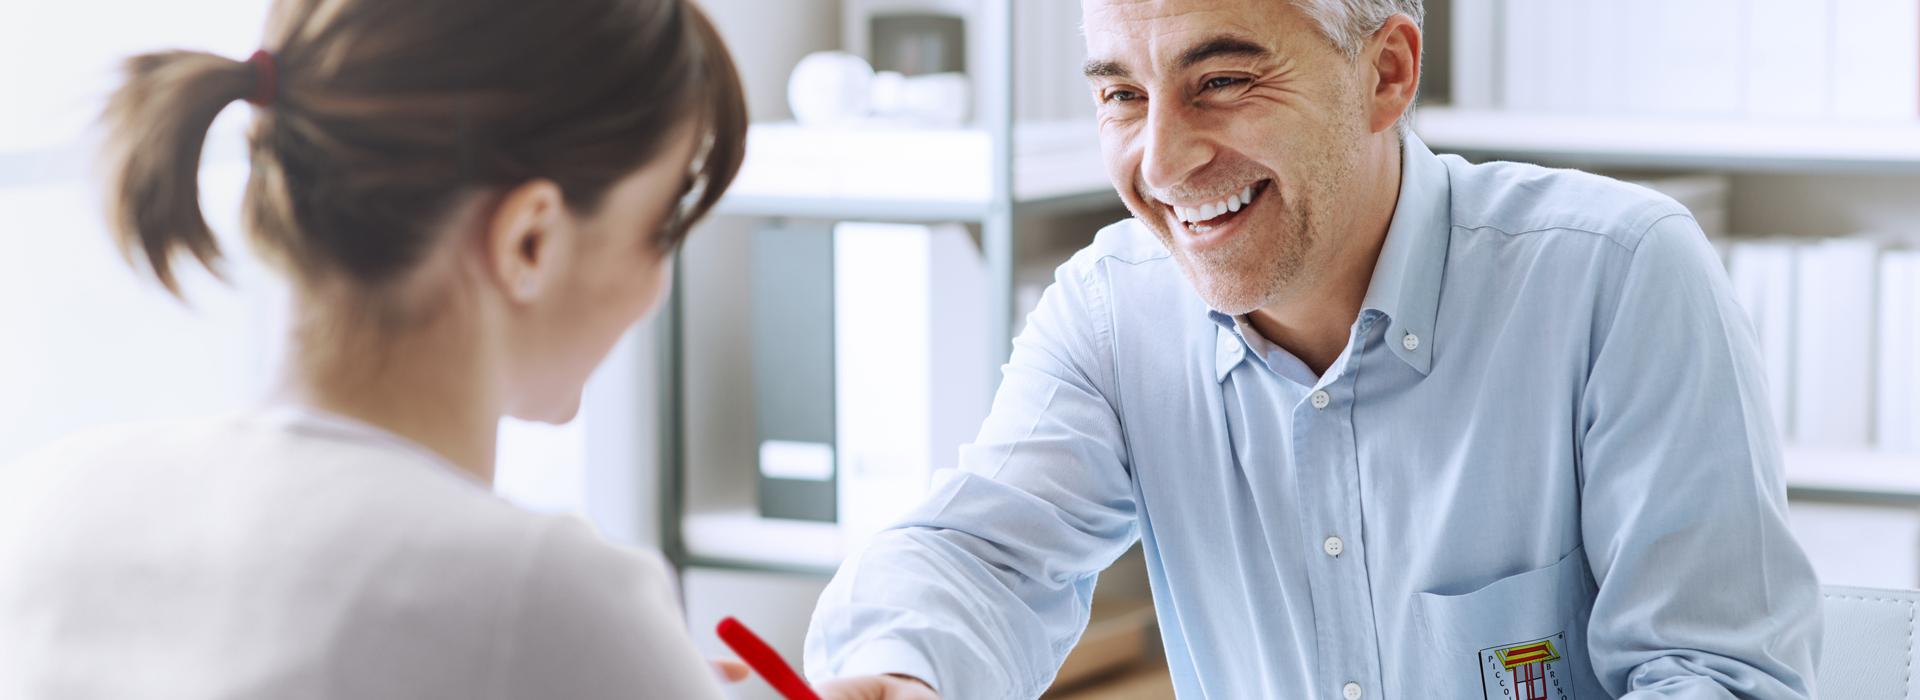 Consulenza personalizzata e professionale